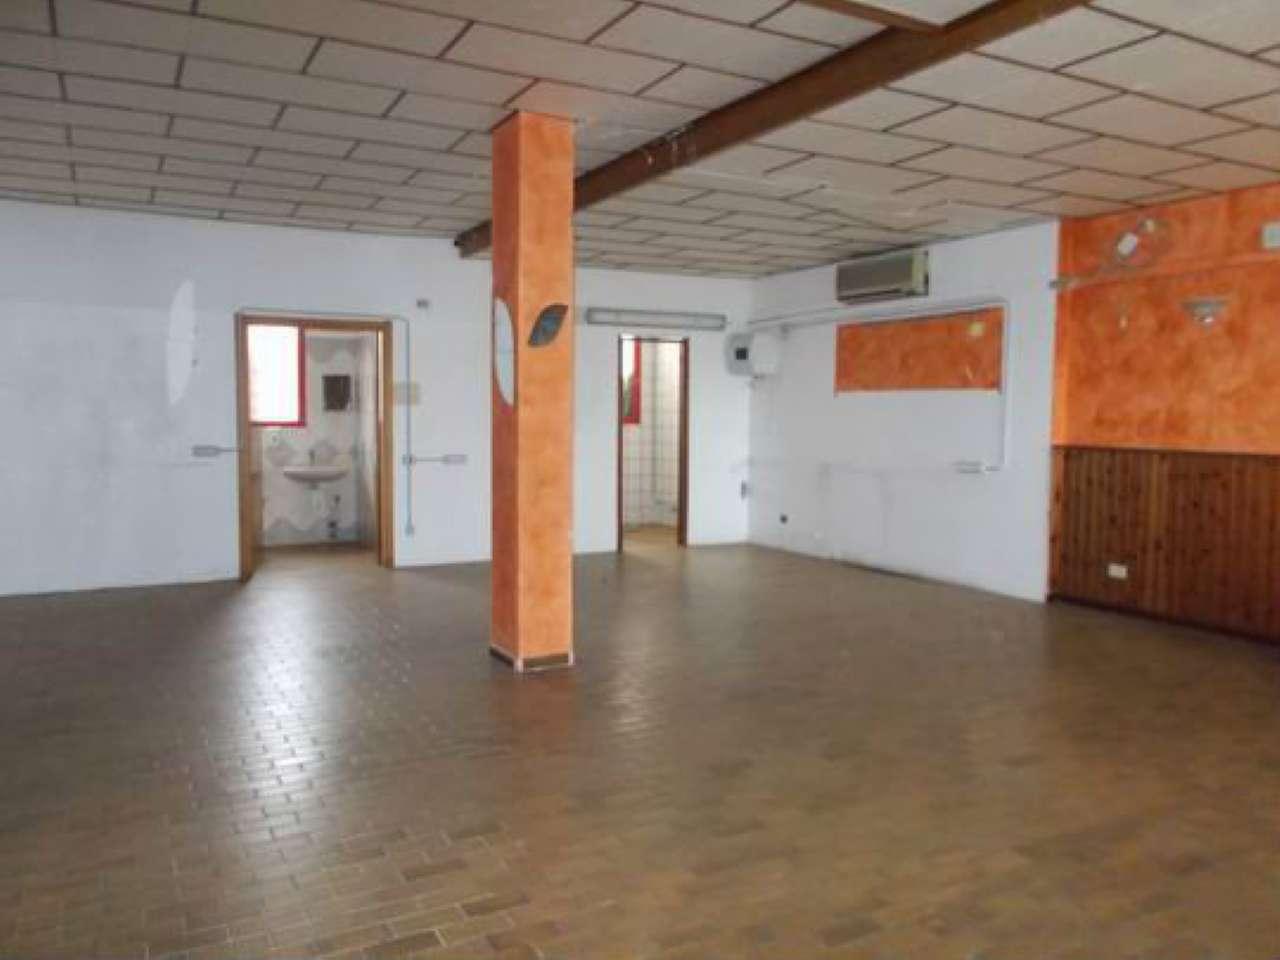 Negozio / Locale in affitto a Cavenago di Brianza, 1 locali, prezzo € 800 | Cambio Casa.it